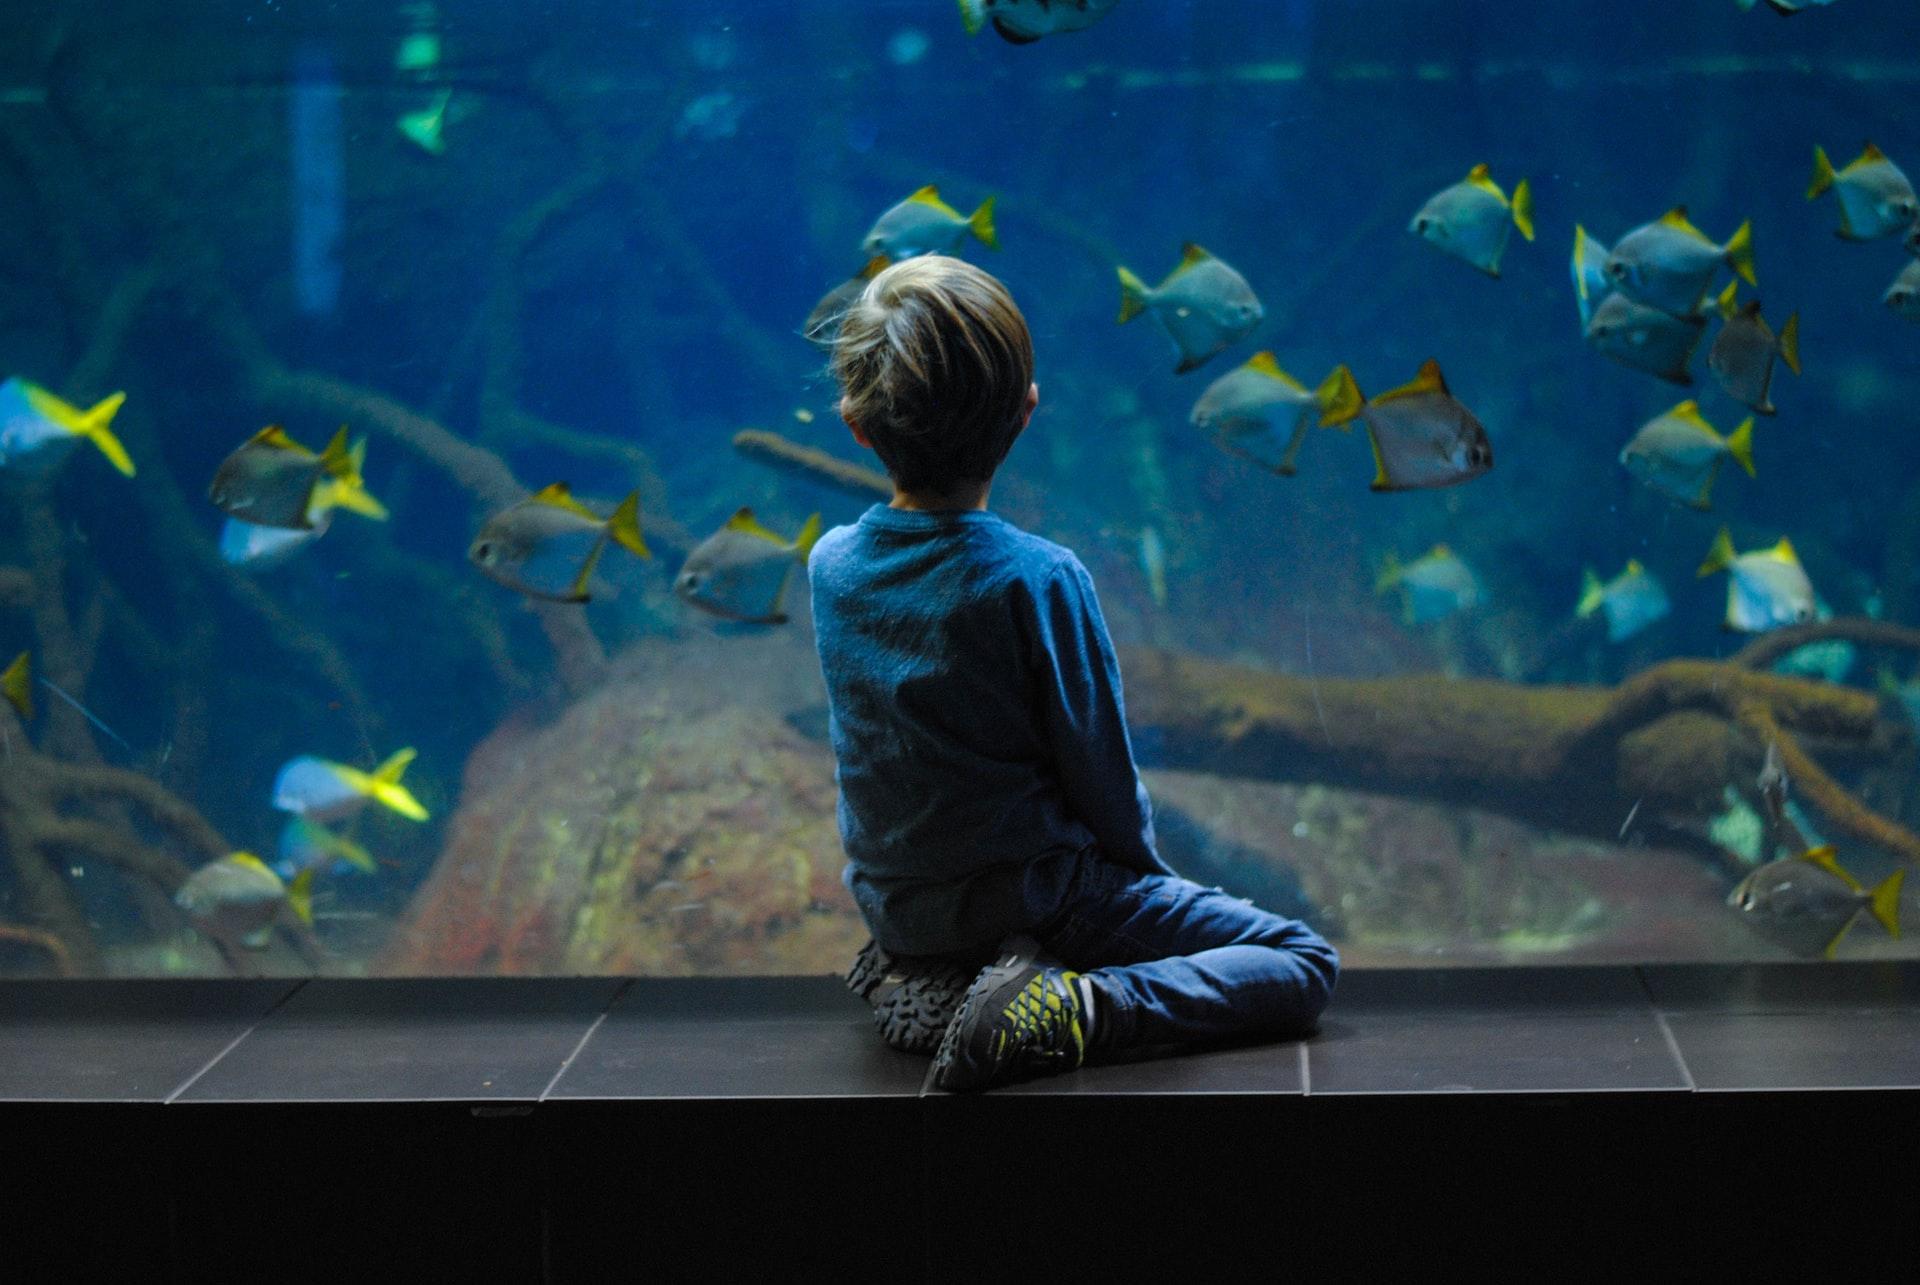 Ghidul mămicilor: Cum descoperi și susții pasiunile copilului tău?